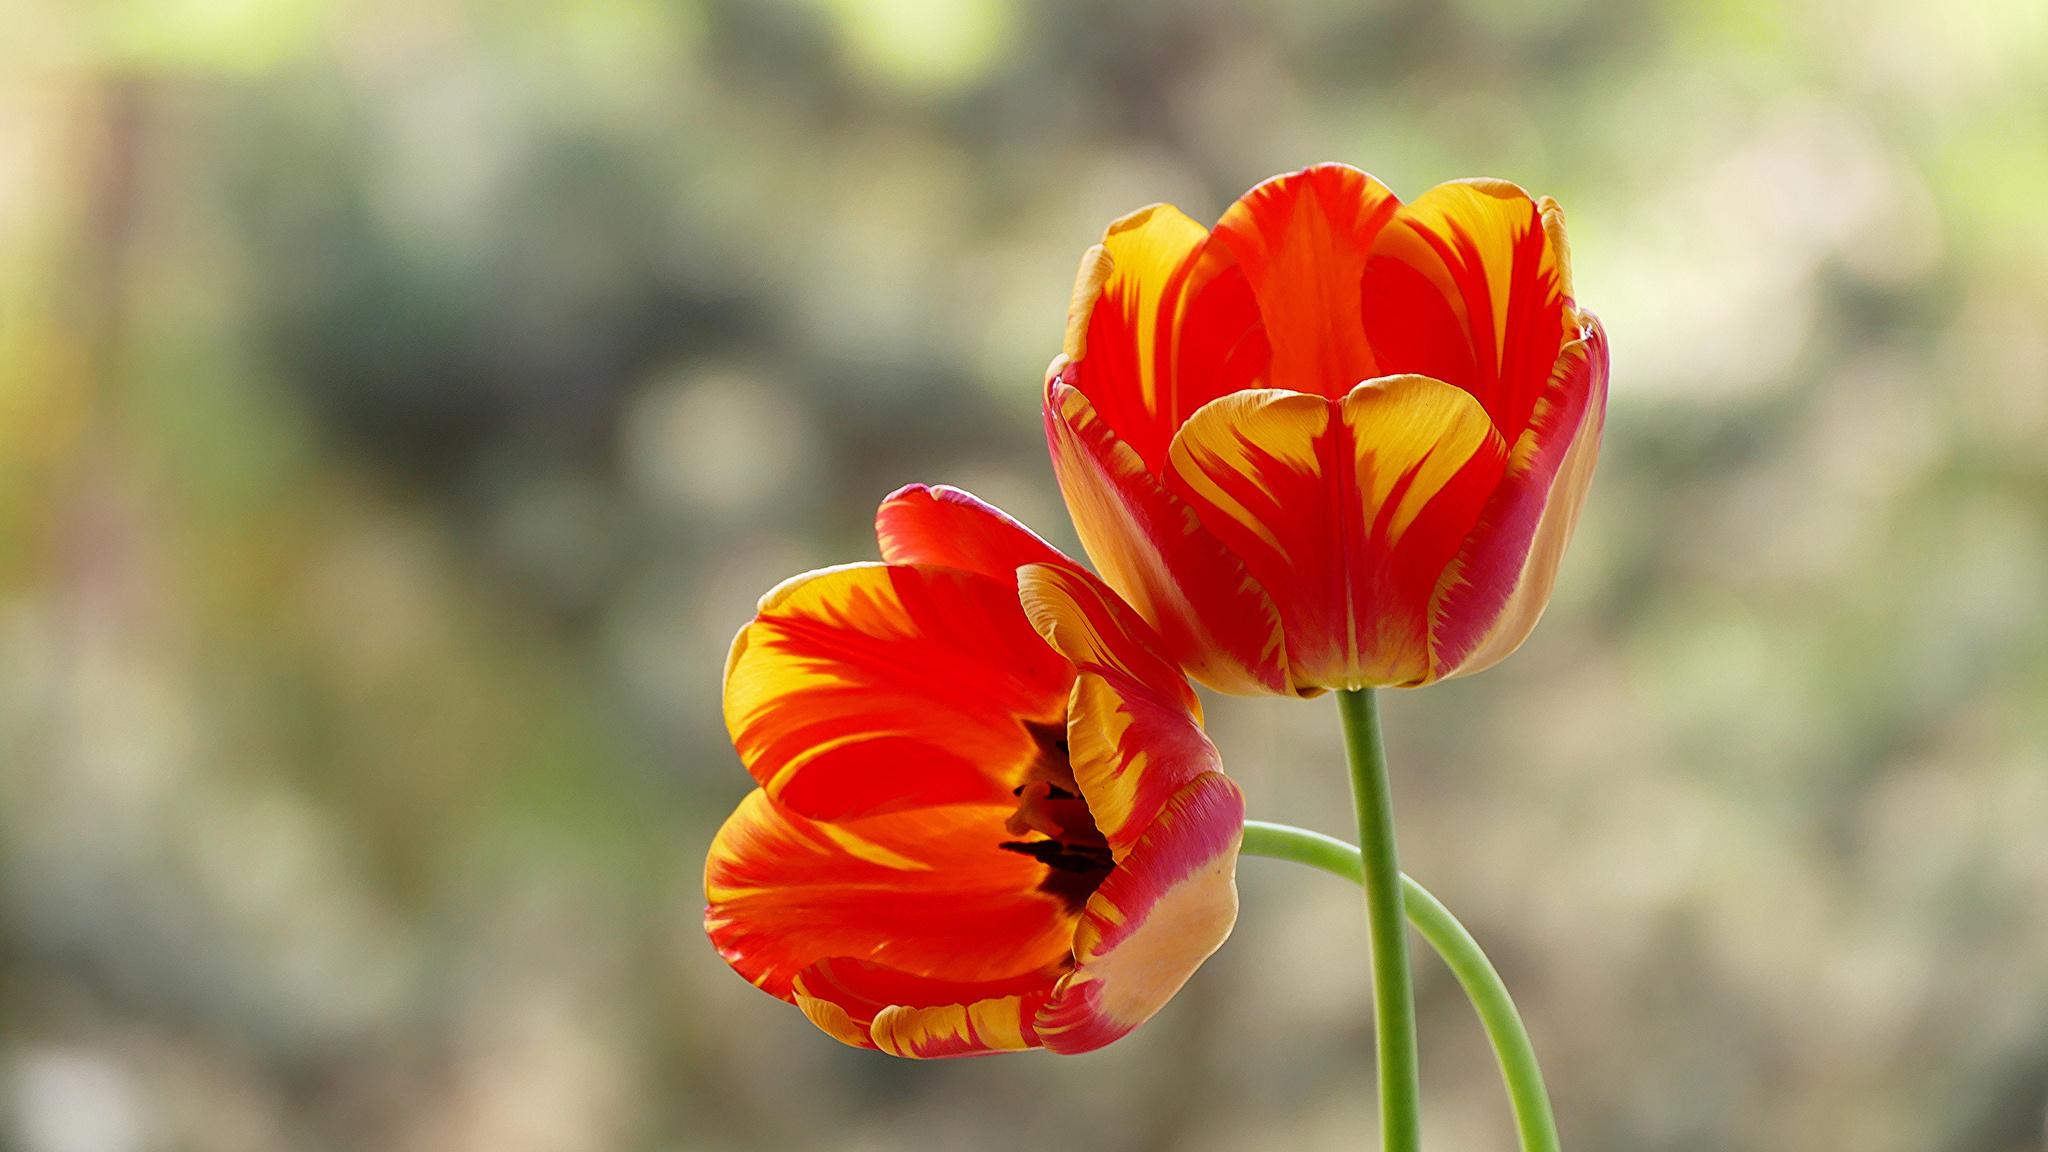 Нераскрывшийся тюльпан анонимно